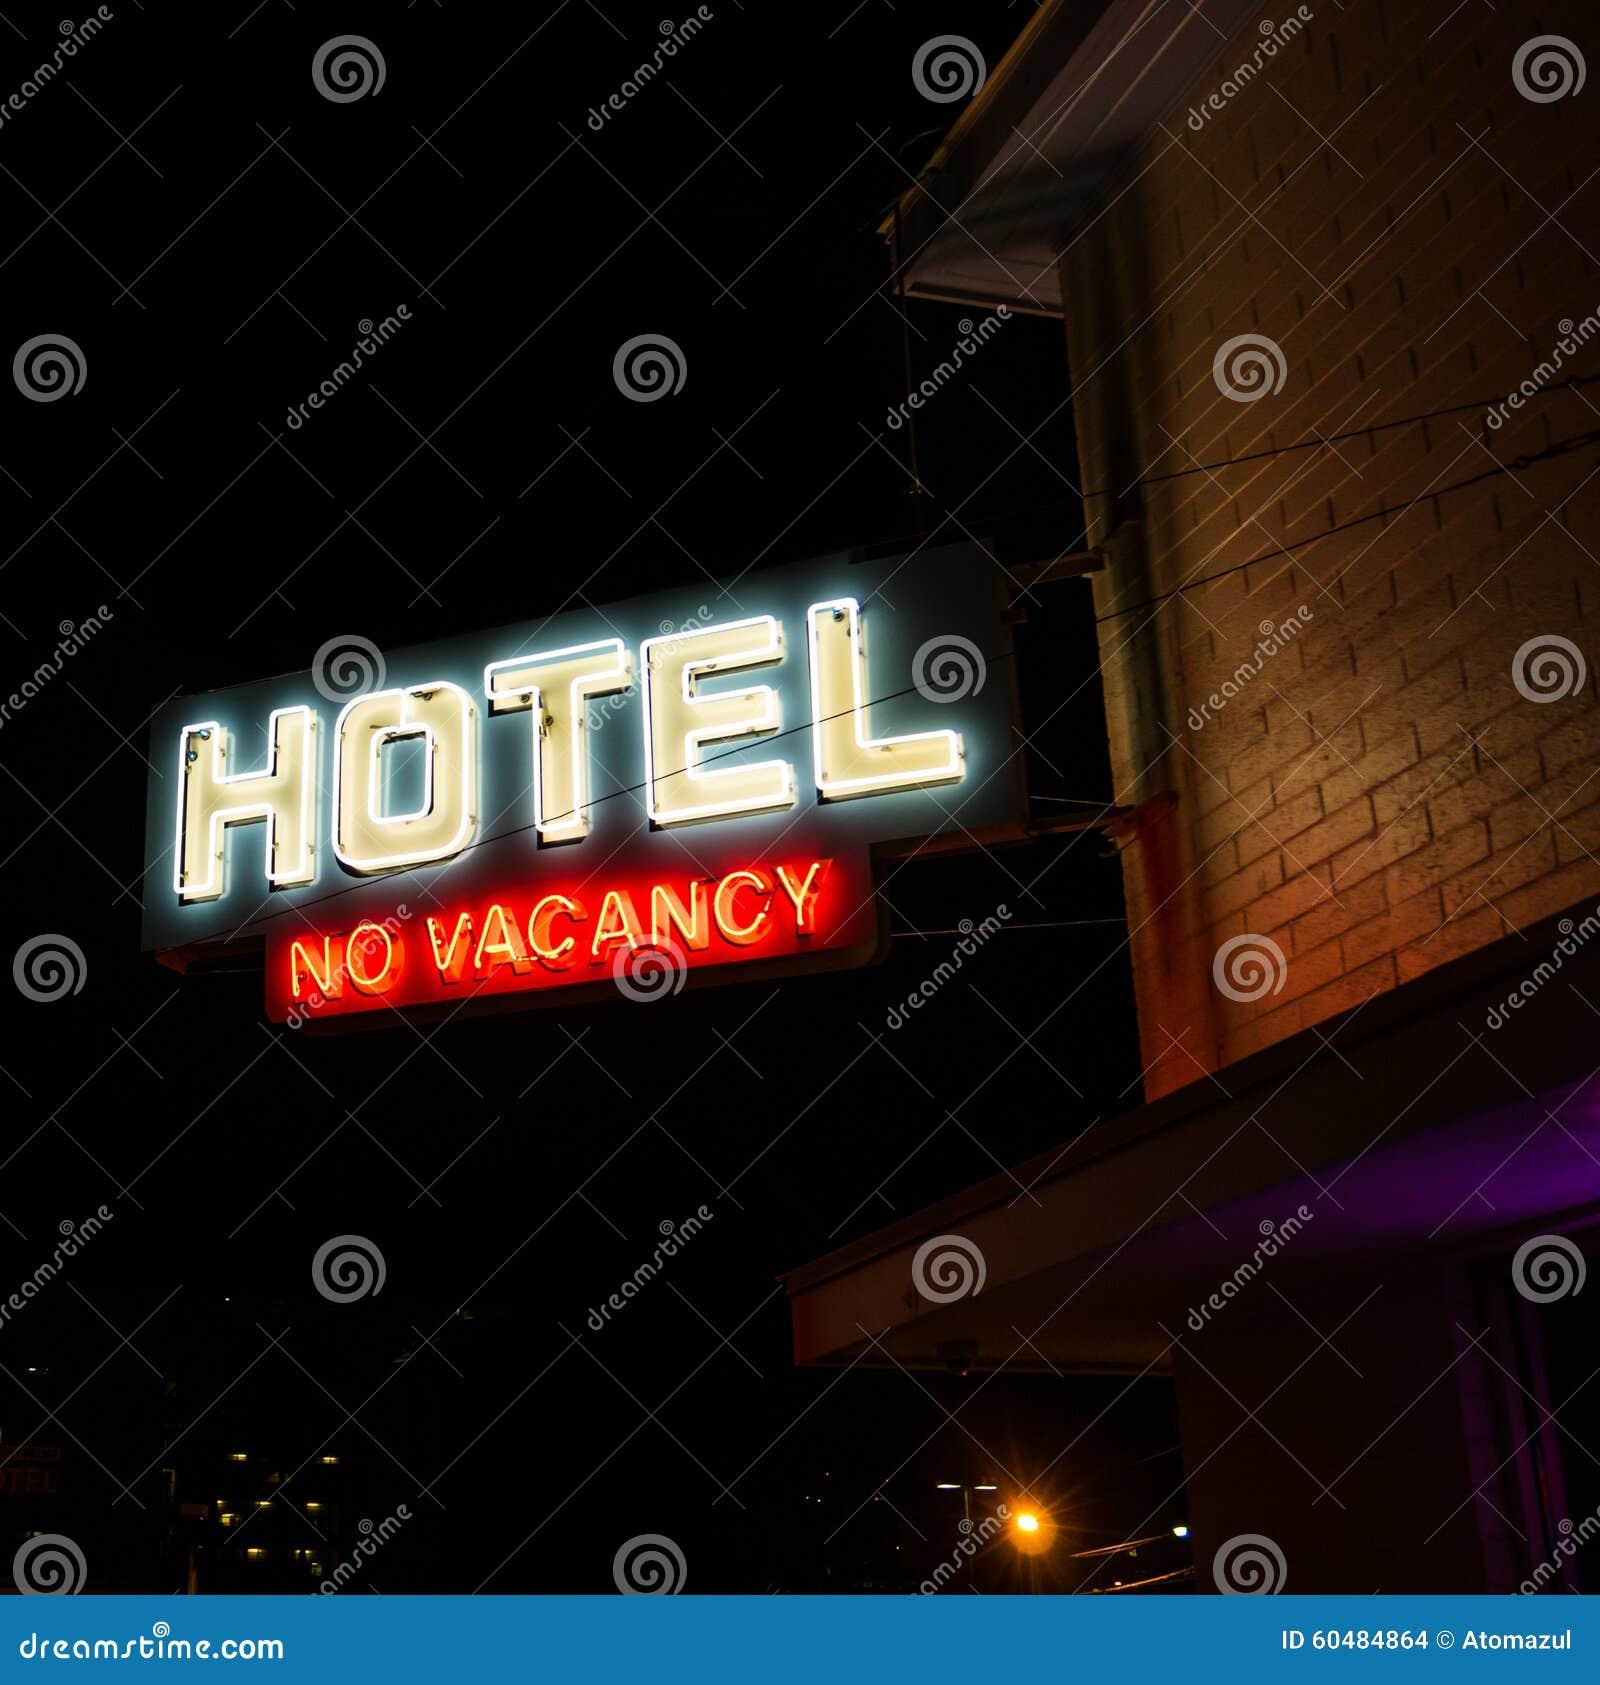 Hotel No Vacancy Neon Sign